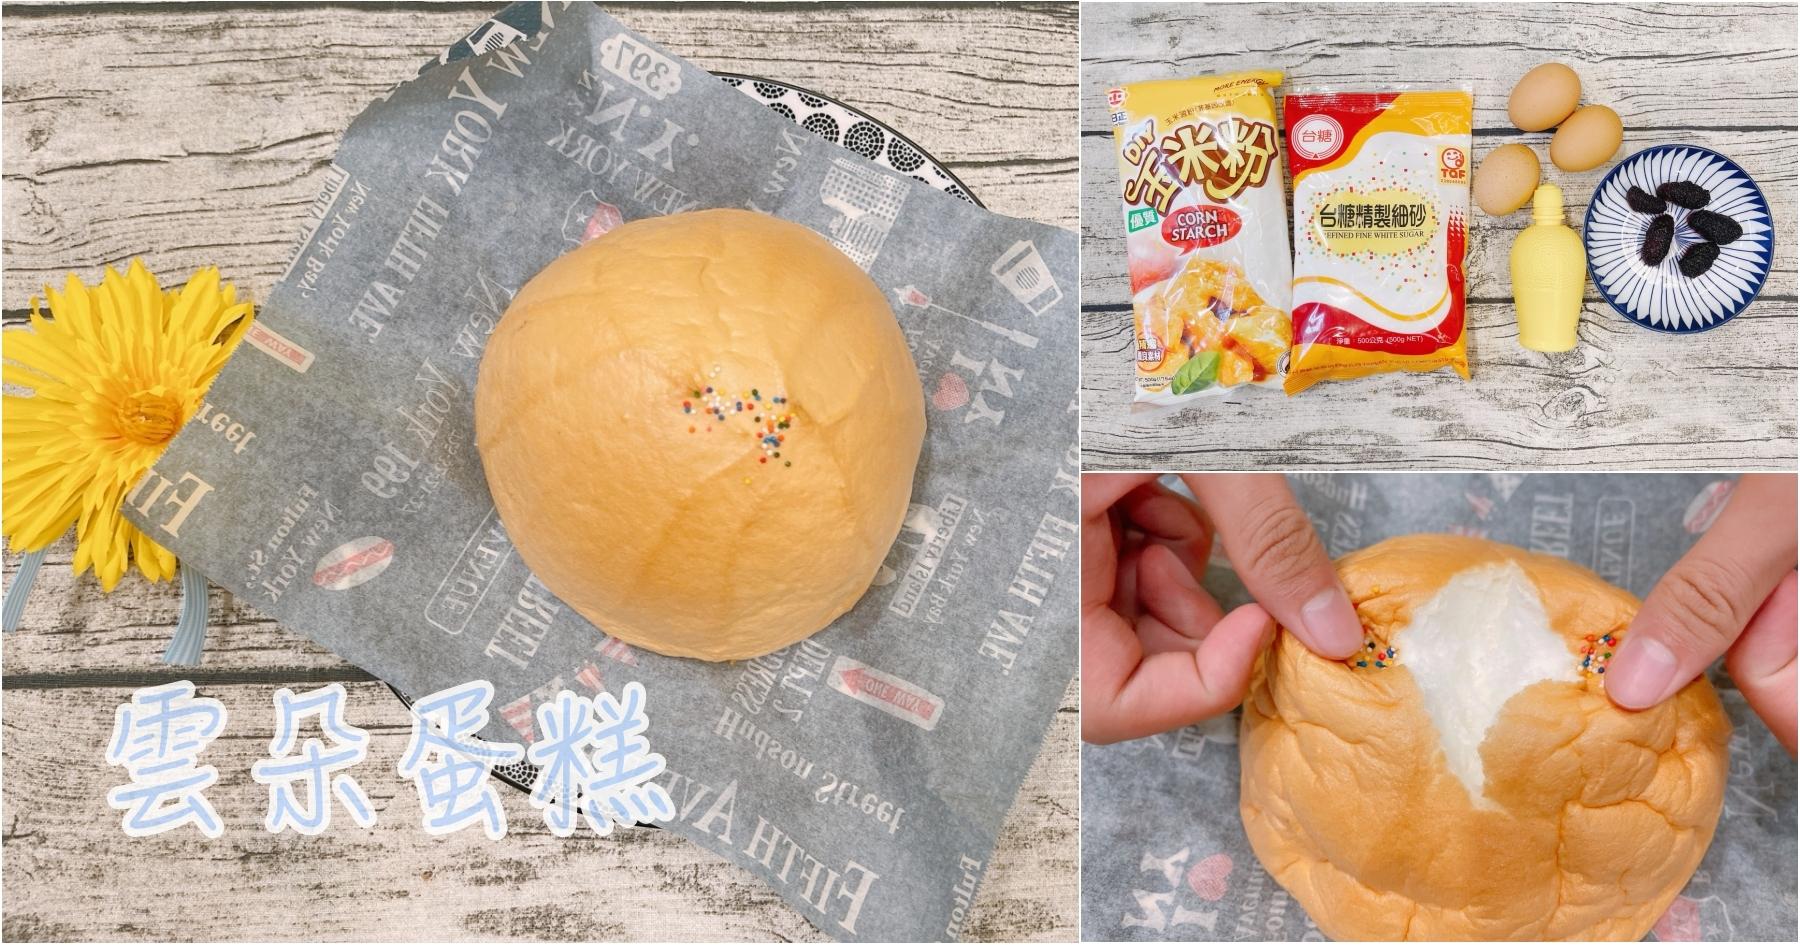 [台灣美食]必勝客|披薩買大送大超值優惠外帶~線上訂餐外帶/外送好方便 @VIVIYU小世界